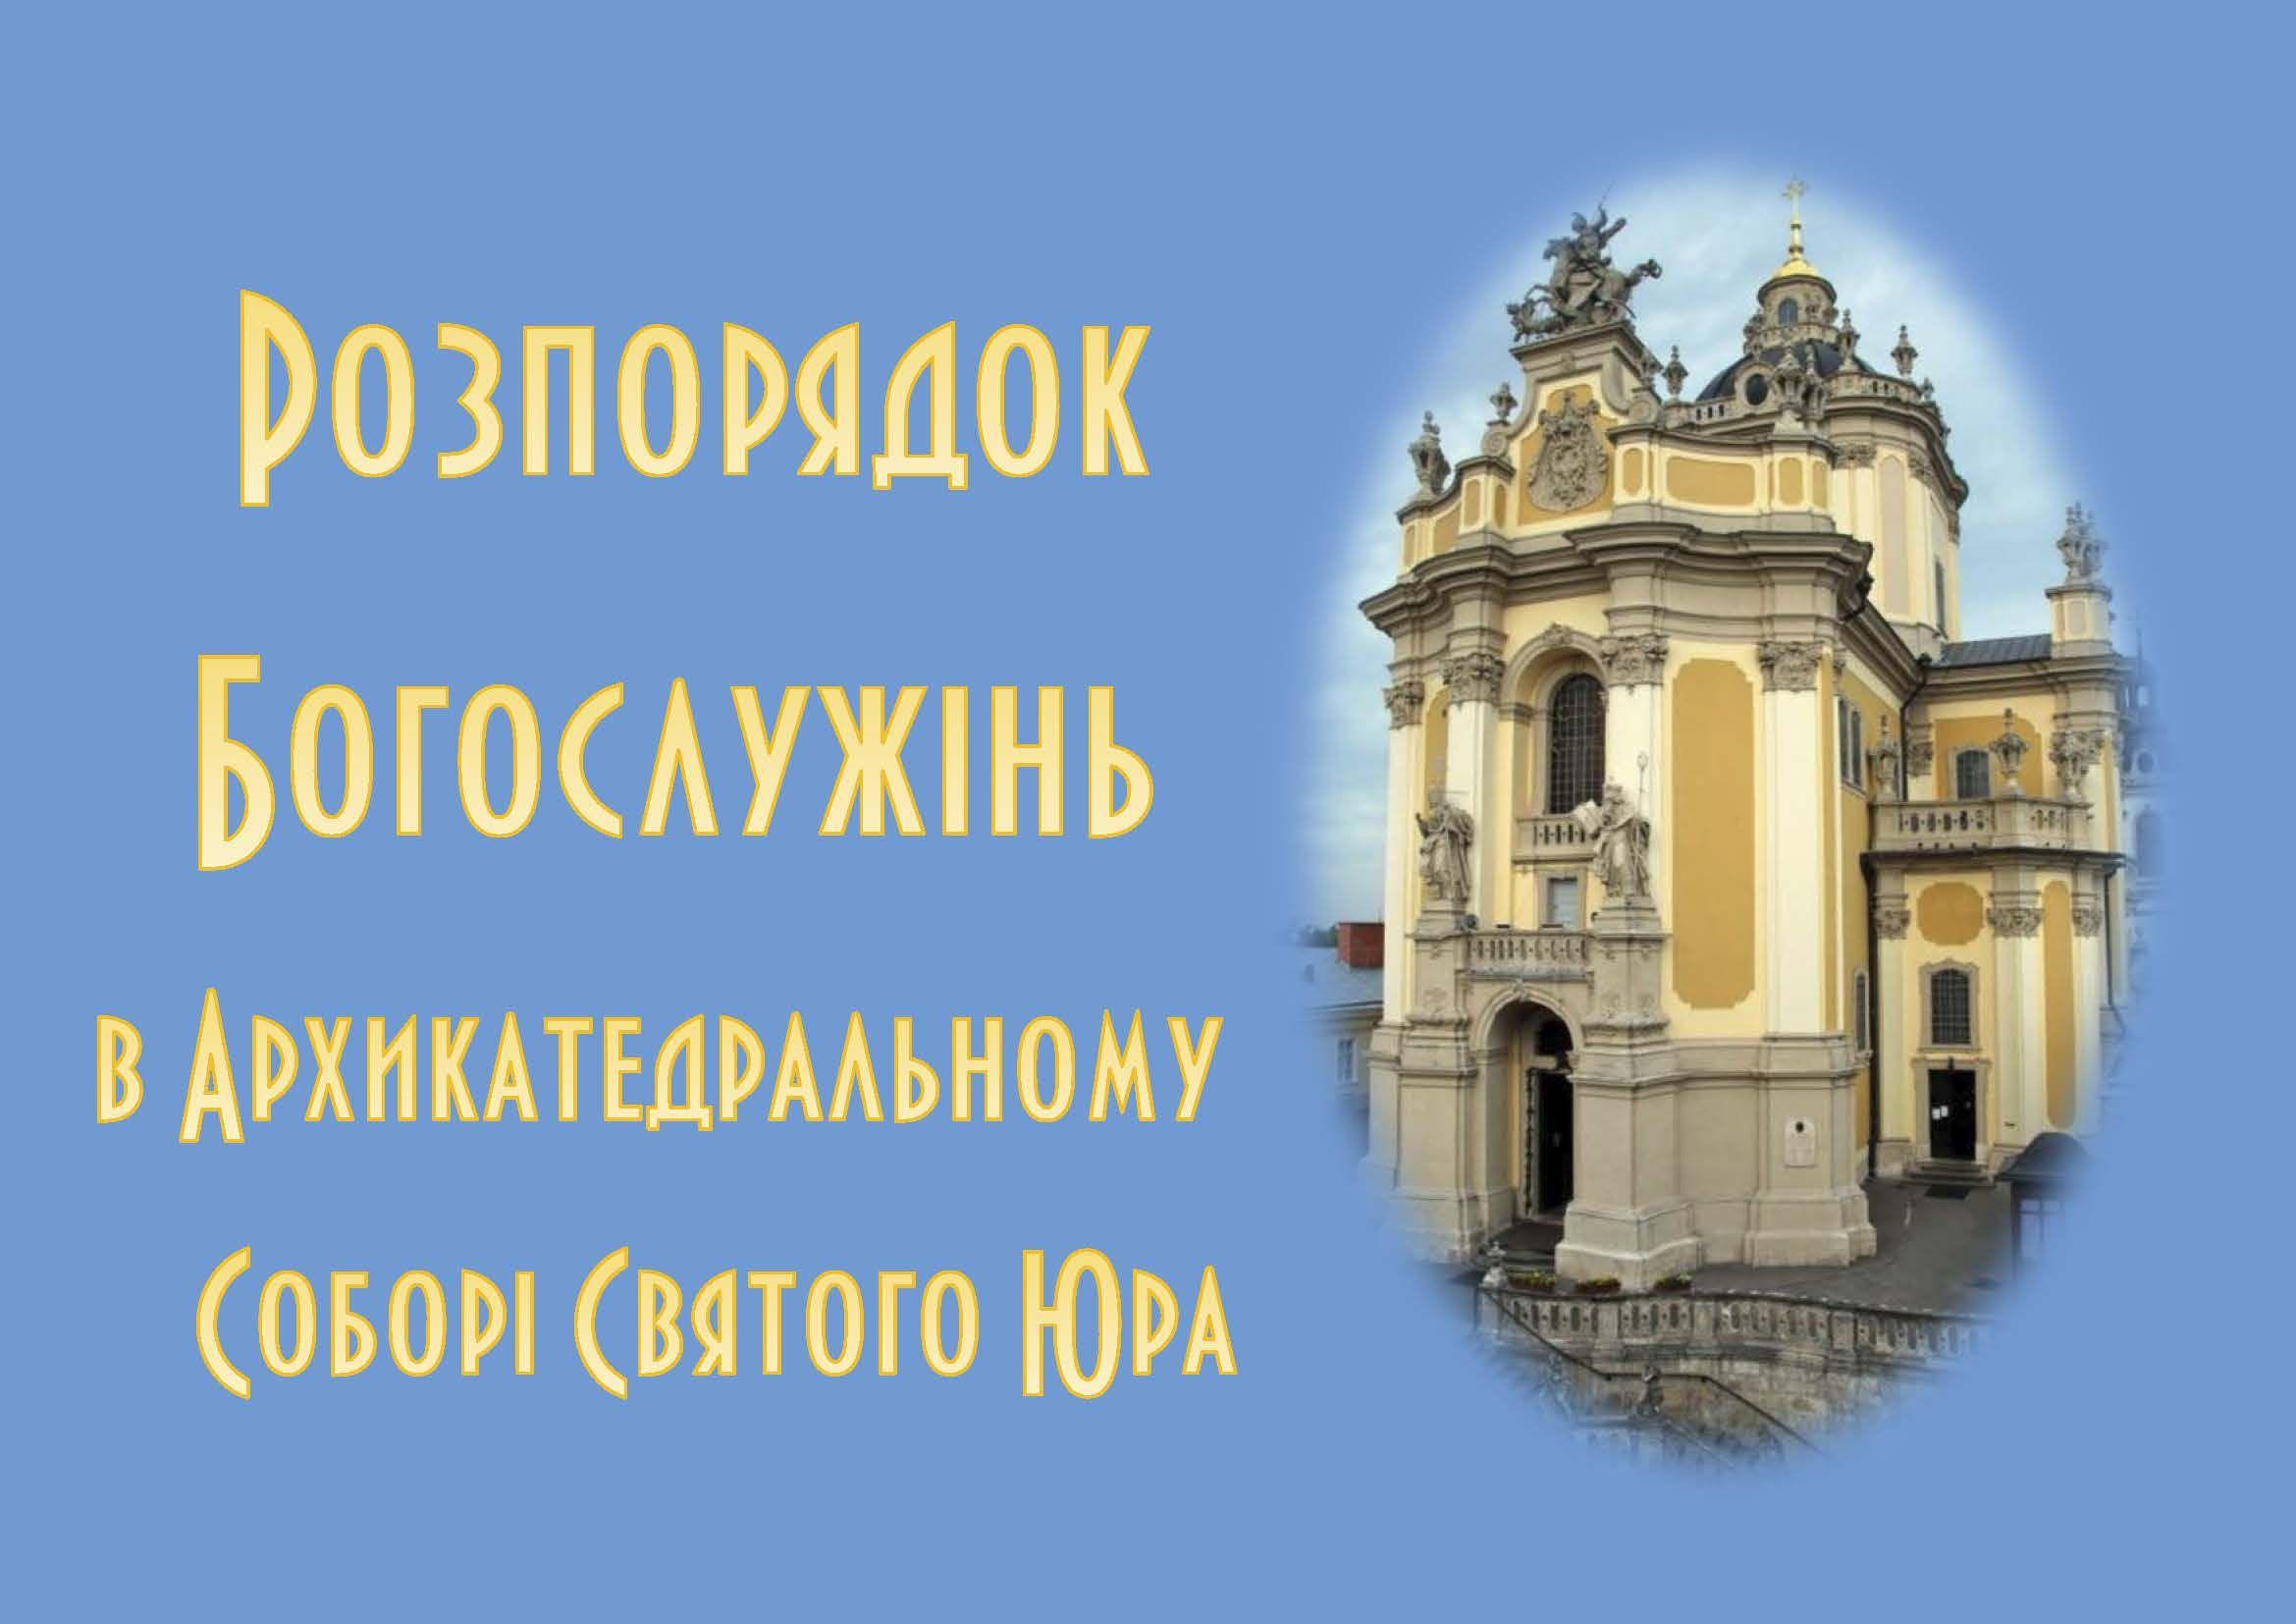 Розпорядок Богослужінь в Архикатедральному Соборі Святого Юра на травень